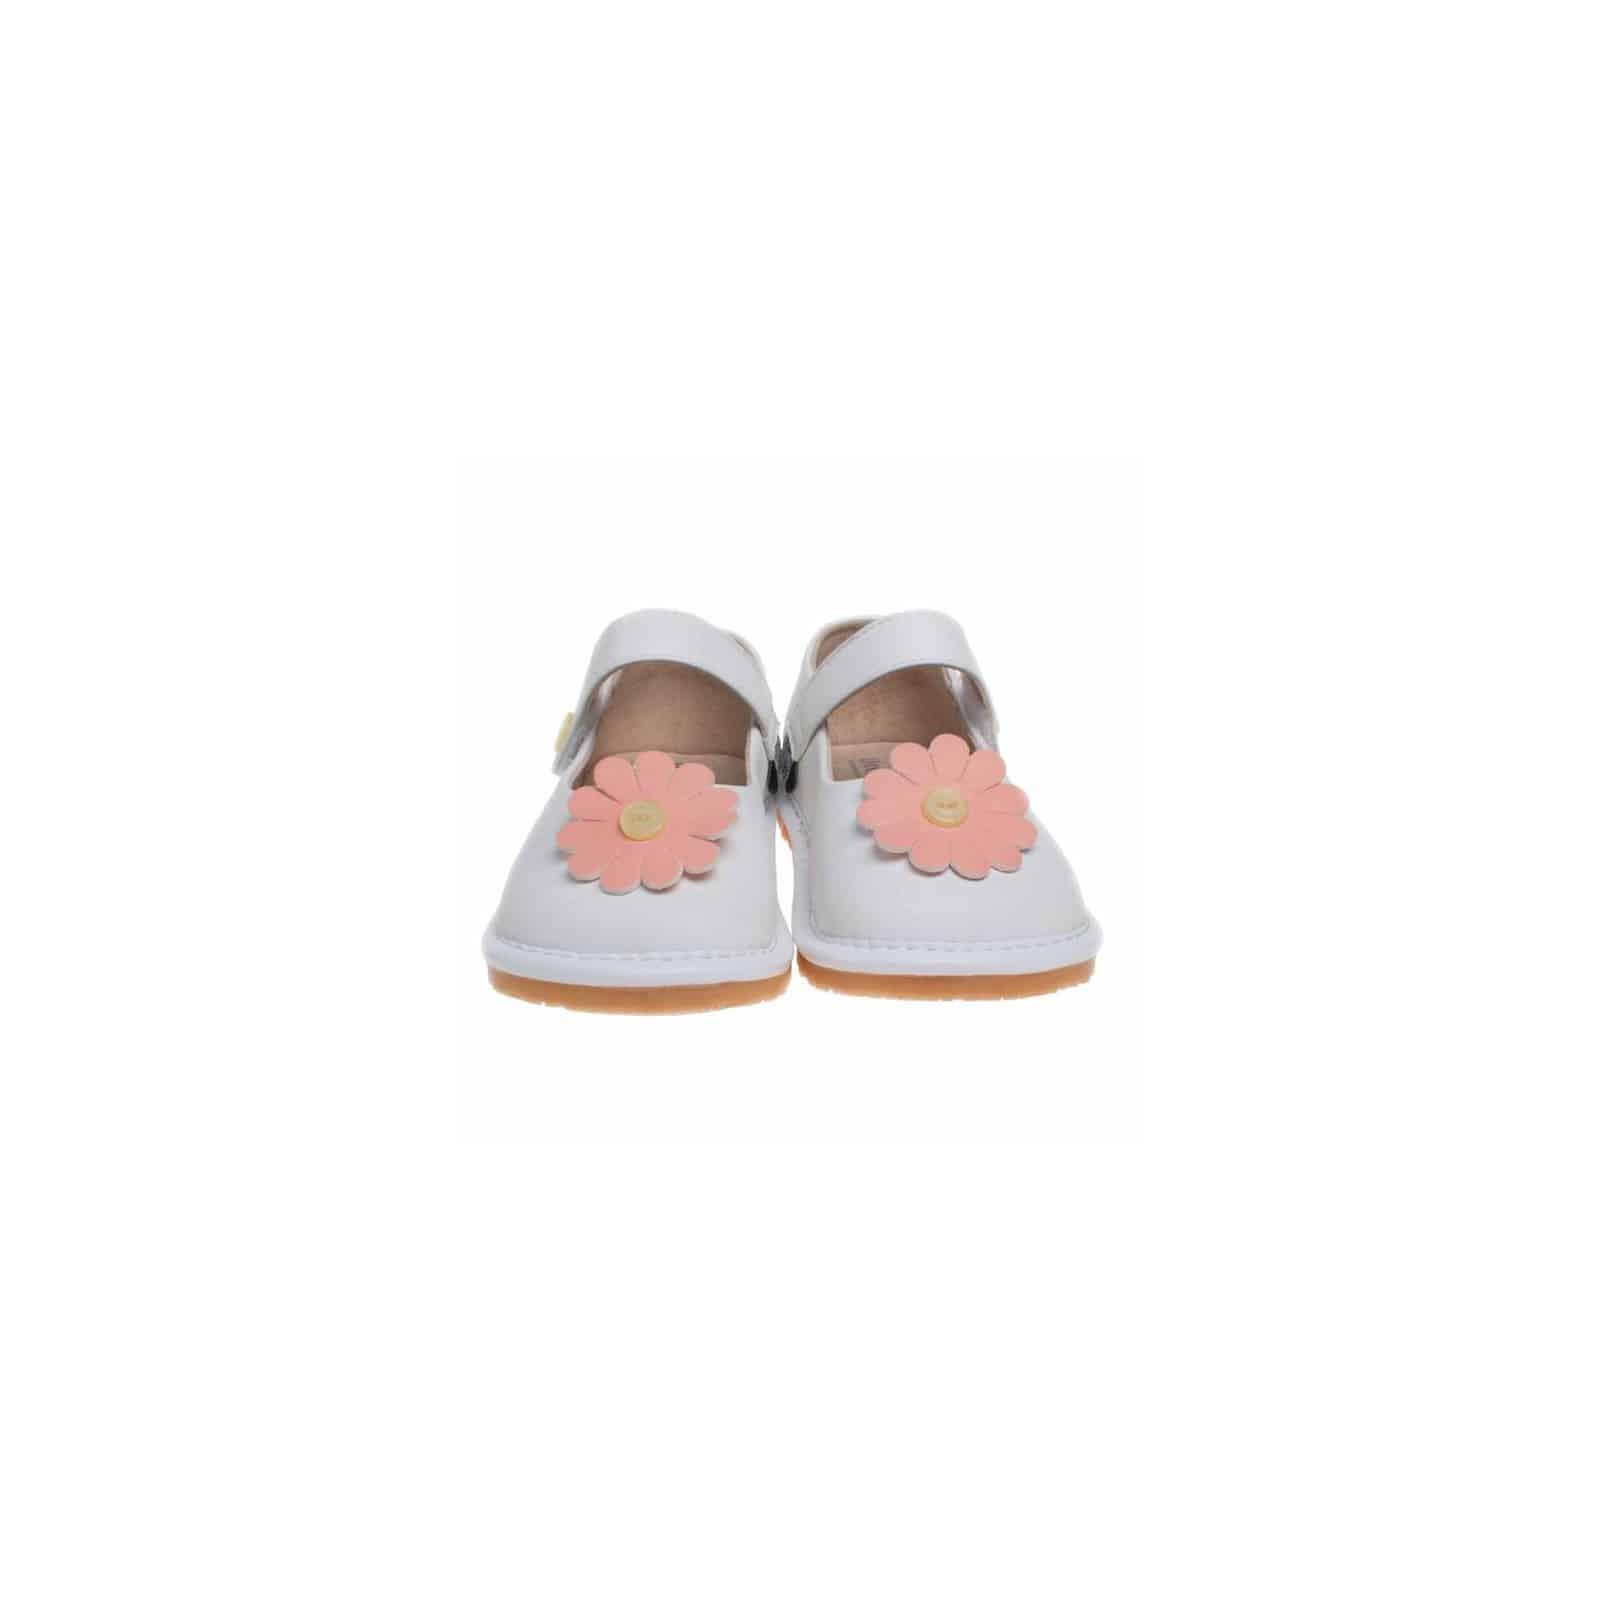 c2bb chaussons de b b en cuir souple chaussures enfants premiers pas chaussures enfants. Black Bedroom Furniture Sets. Home Design Ideas